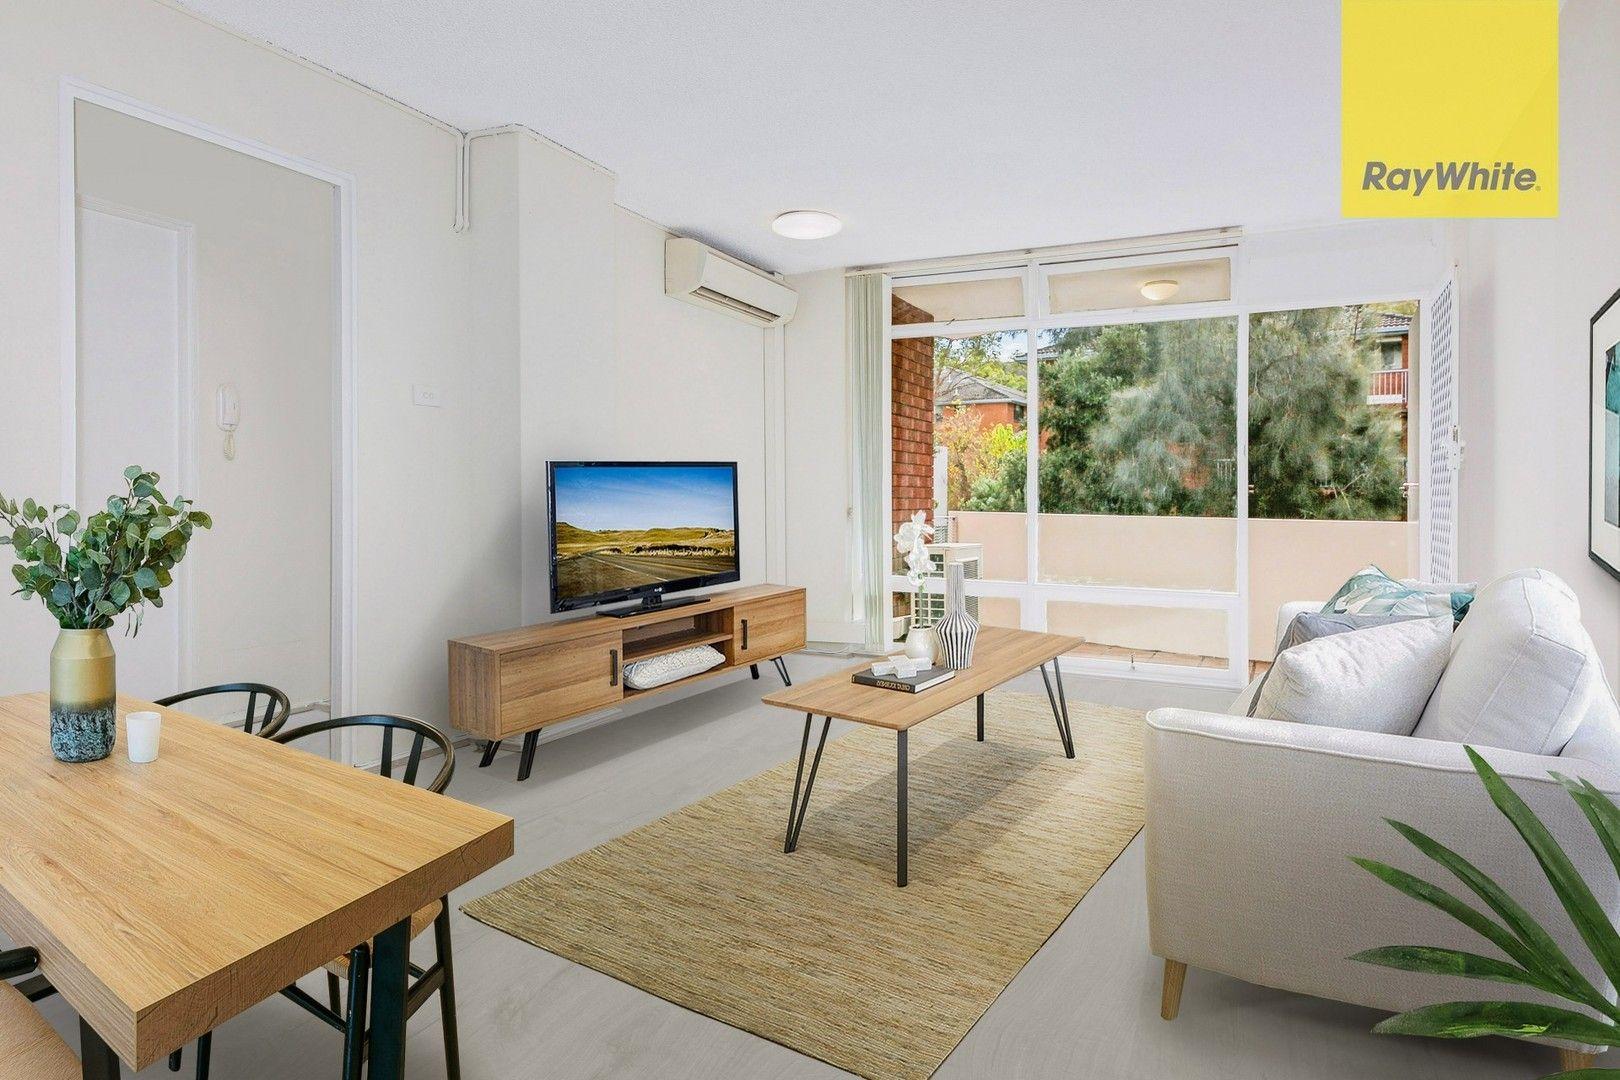 17/14-16 Lamont Street, Parramatta NSW 2150, Image 0